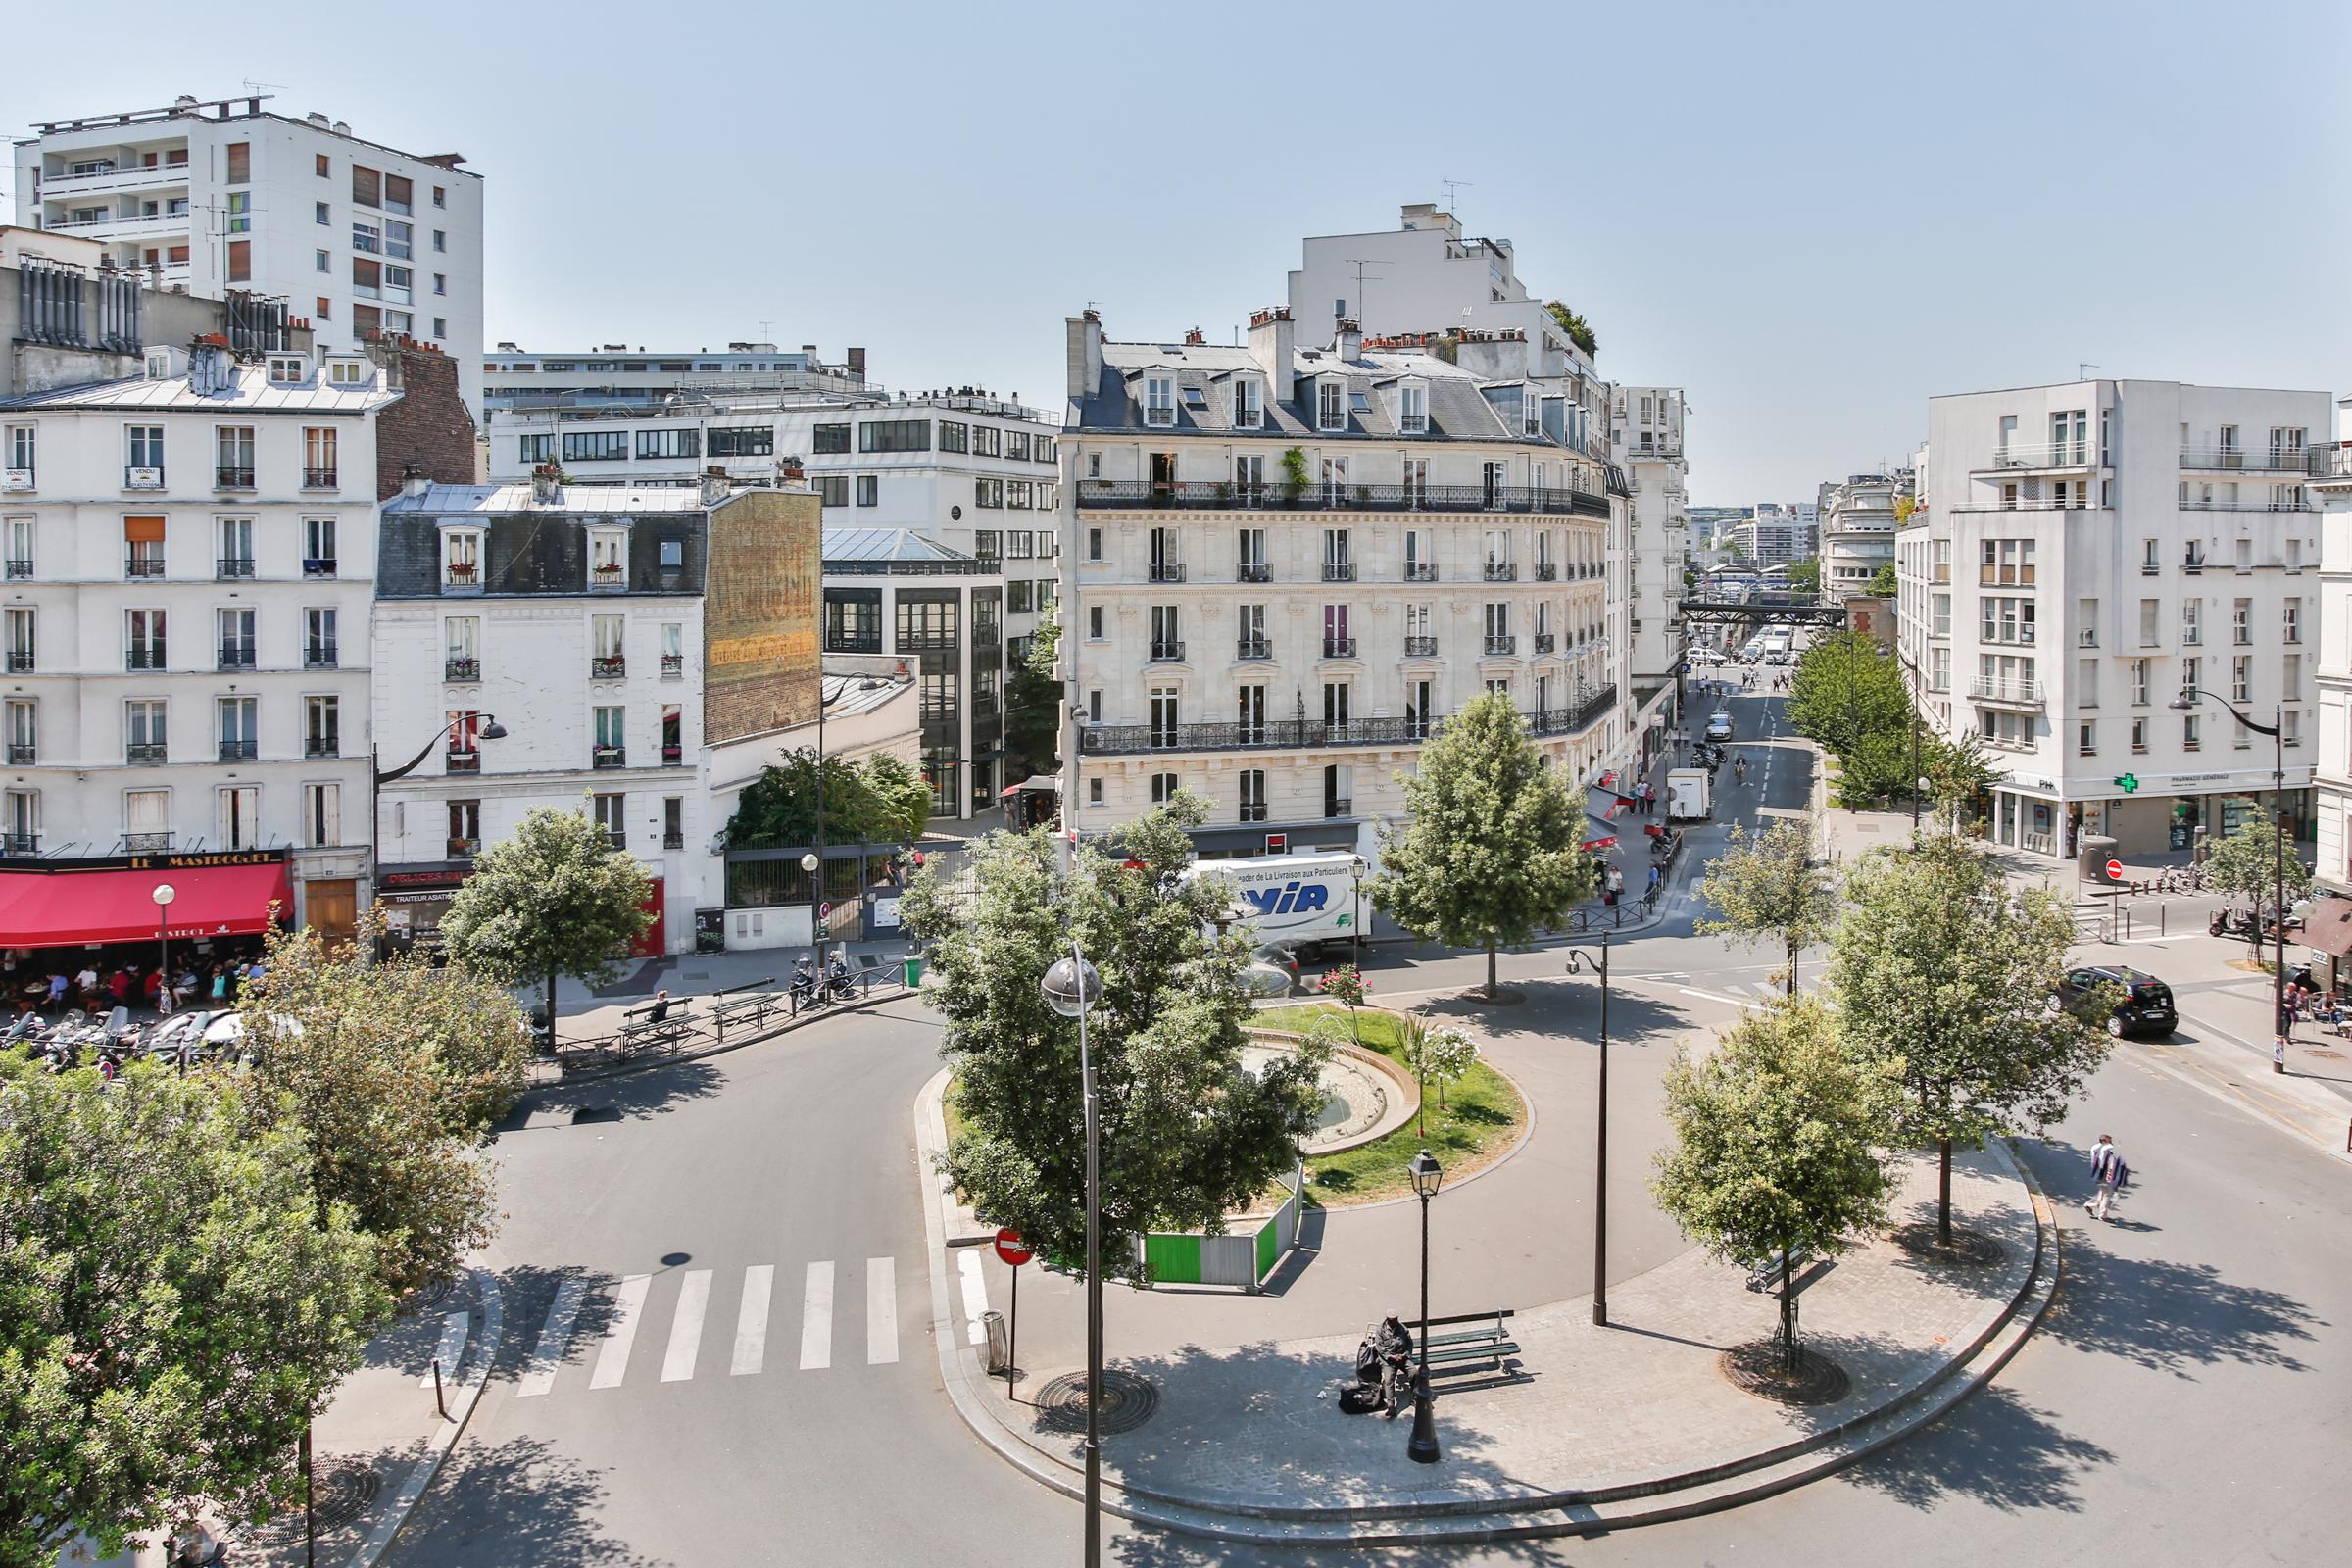 Квартира для того Продажа на Apartment - Gare de Lyon Paris, Париж 75012 Франция